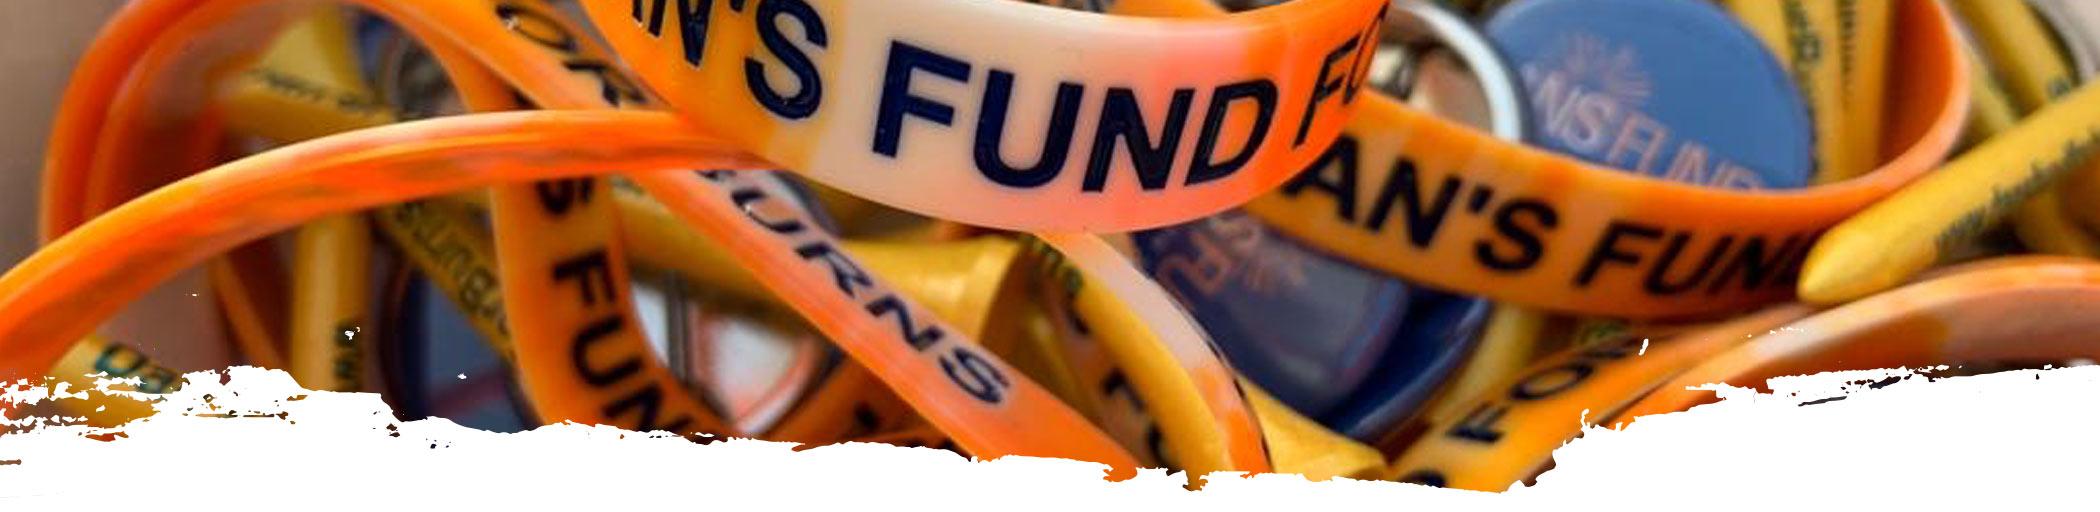 Dan's Fund For Burns